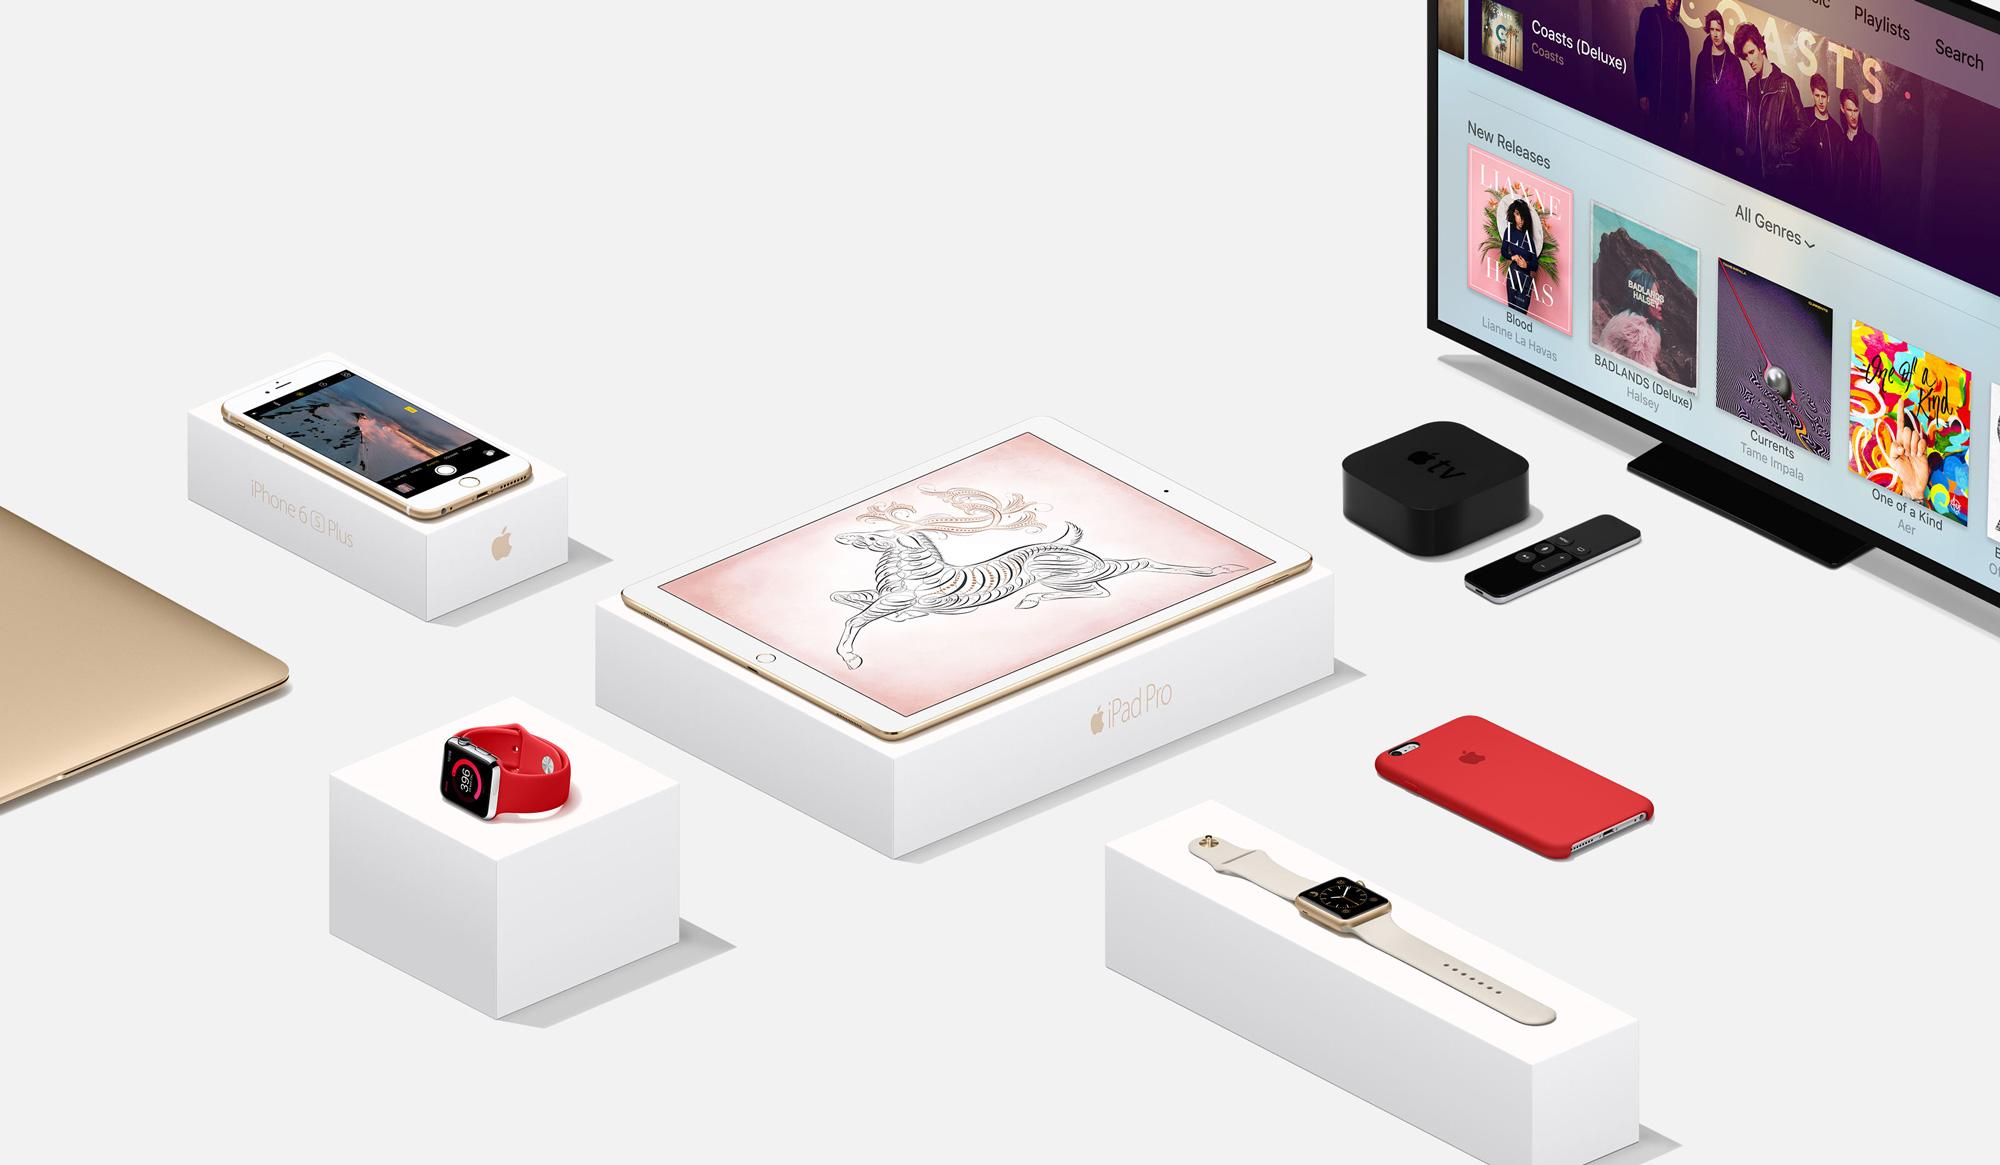 Regali di Natale, ecco la pagina speciale di Apple Store on line